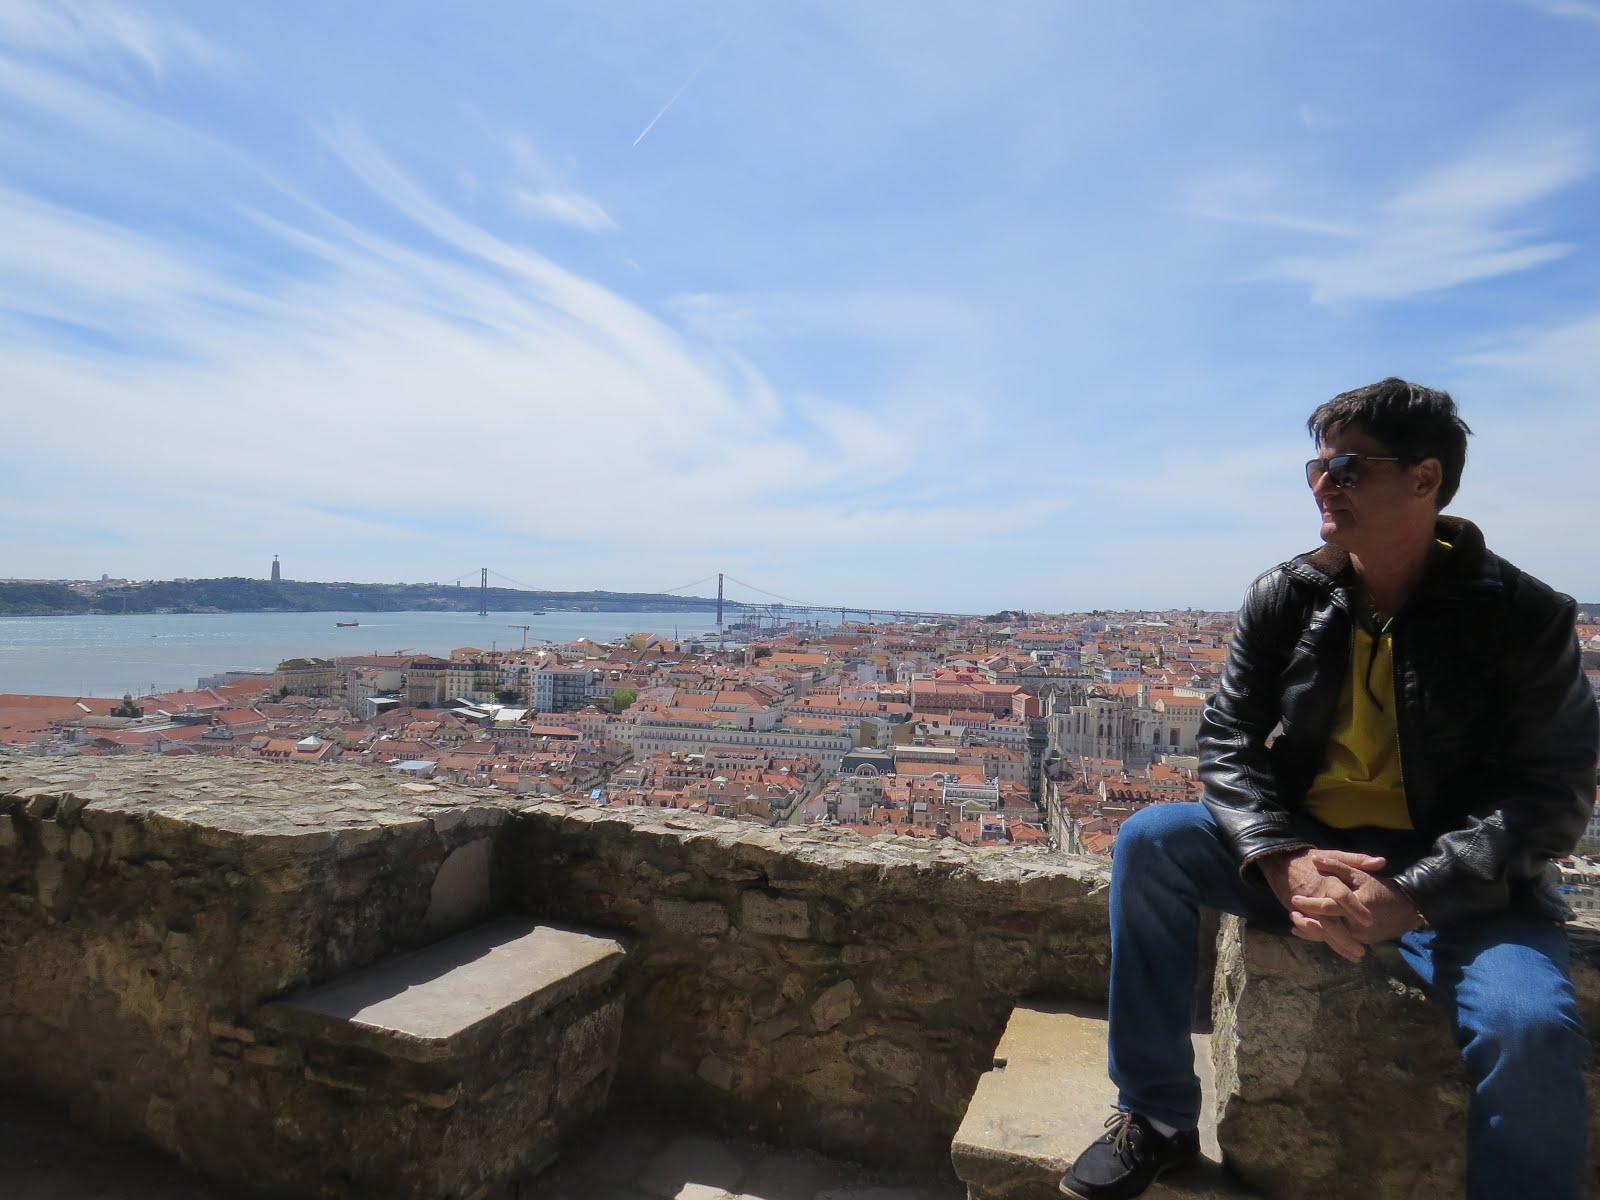 Jornalista, psicólogo e psicanalista (além de blogueiro e turista 'profissional' nas horas vagas)